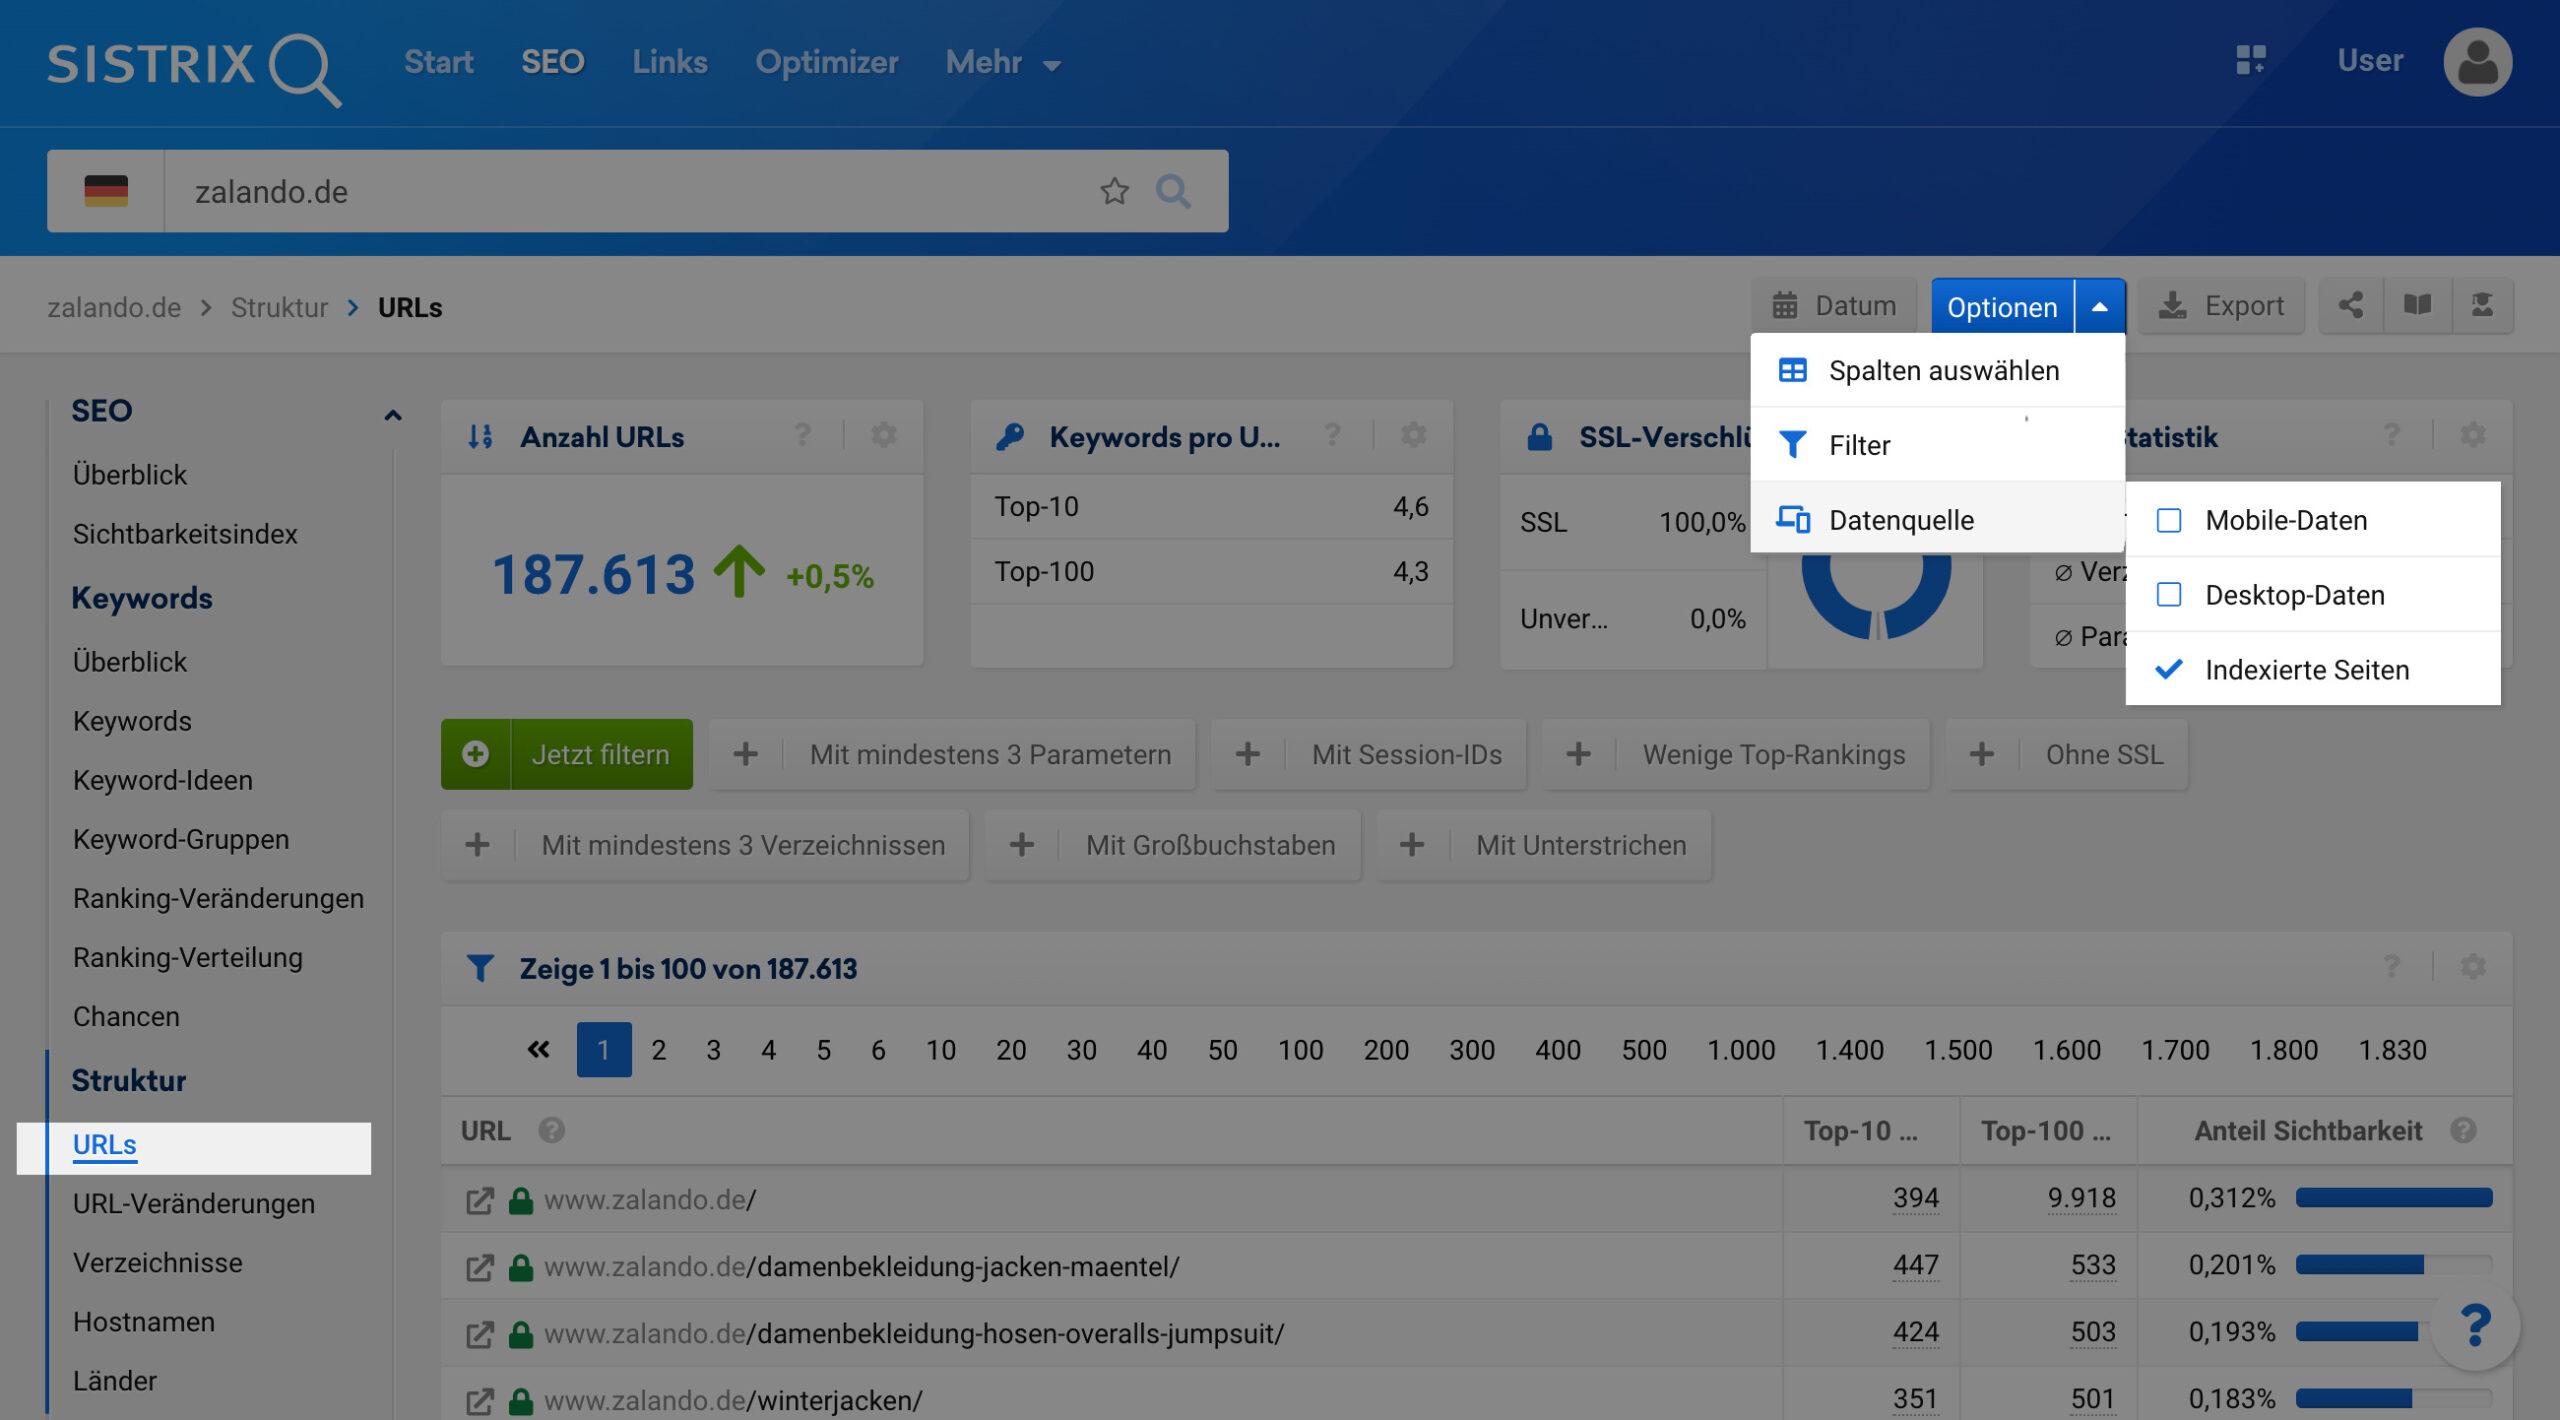 """Klickpfad um in der SISTRIX Toolbox auf die Anzahl der Indexierten Seiten einer Domain zu kommen. Nach der Eingabe einer Domain in die Suchleiste wählt man in der linken Navigation den Punkt """"URLs"""" aus und klickt dann oberhalb der Grafik auf den Tab """"Indexierte Seiten""""."""